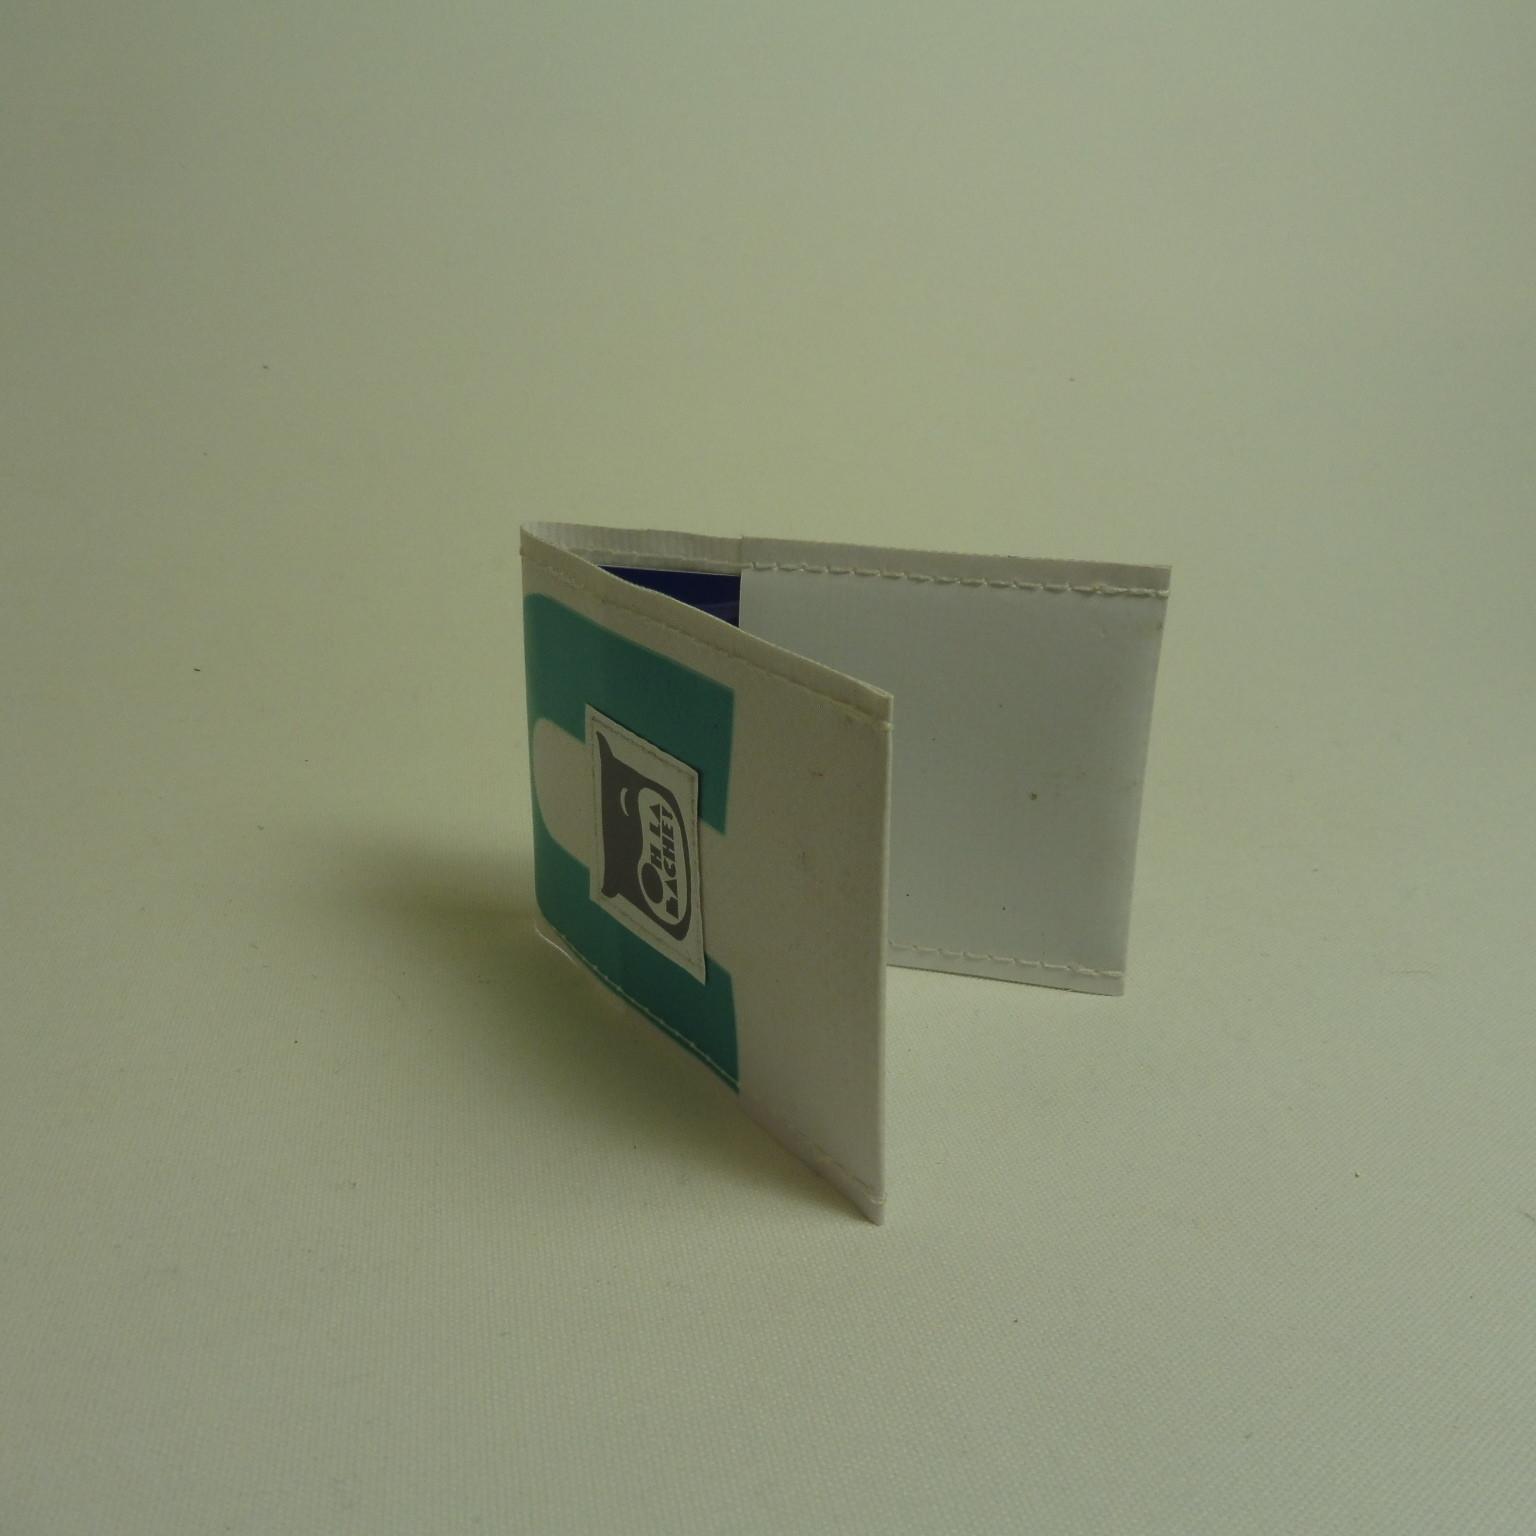 NOé Porte cartes en bâche by Oh_la_bâche D